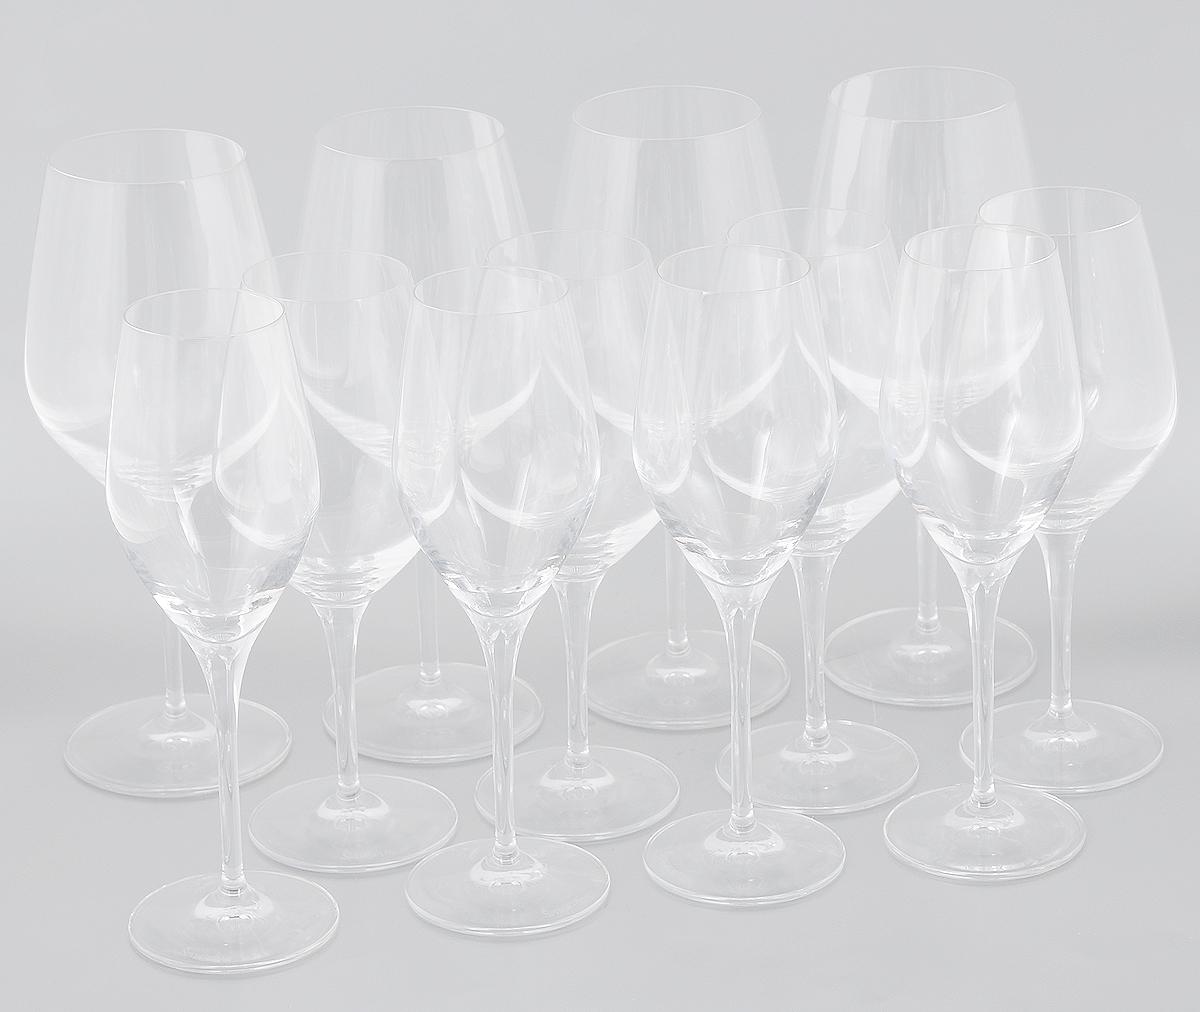 Набор бокалов Spiegelau Аутентис, 12 шт44799B/DDНабор Spiegelau Аутентис состоит из 12 бокалов, выполненных из прочного стекла. Изделия оснащены высокими ножками. Бокалыпредназначены для подачи шампанского, красного и белого вина. Они сочетают в себе элегантный дизайн и функциональность. Благодаря такому набору пить напитки будет еще вкуснее.Набор бокалов Spiegelau Аутентис прекрасно оформит праздничный стол и создаст приятную атмосферу за романтическим ужином. Такой набор также станет хорошим подарком к любому случаю.Можно мыть в посудомоечной машине.Диаметр бокала для шампанского (по верхнему краю): 5 см.Диаметр основания бокала для шампанского: 7 см. Высота бокала для шампанского: 22,5 см. Диаметр бокала для белого вина (по верхнему краю): 5,5 см.Диаметр основания бокала для белого вина: 7,5 см. Высота бокала для белого вина: 21 см. Диаметр бокала для красного вина (по верхнему краю): 7 см.Диаметр основания красного для белого вина: 8,5 см. Высота бокала для красного вина: 23,5 см.